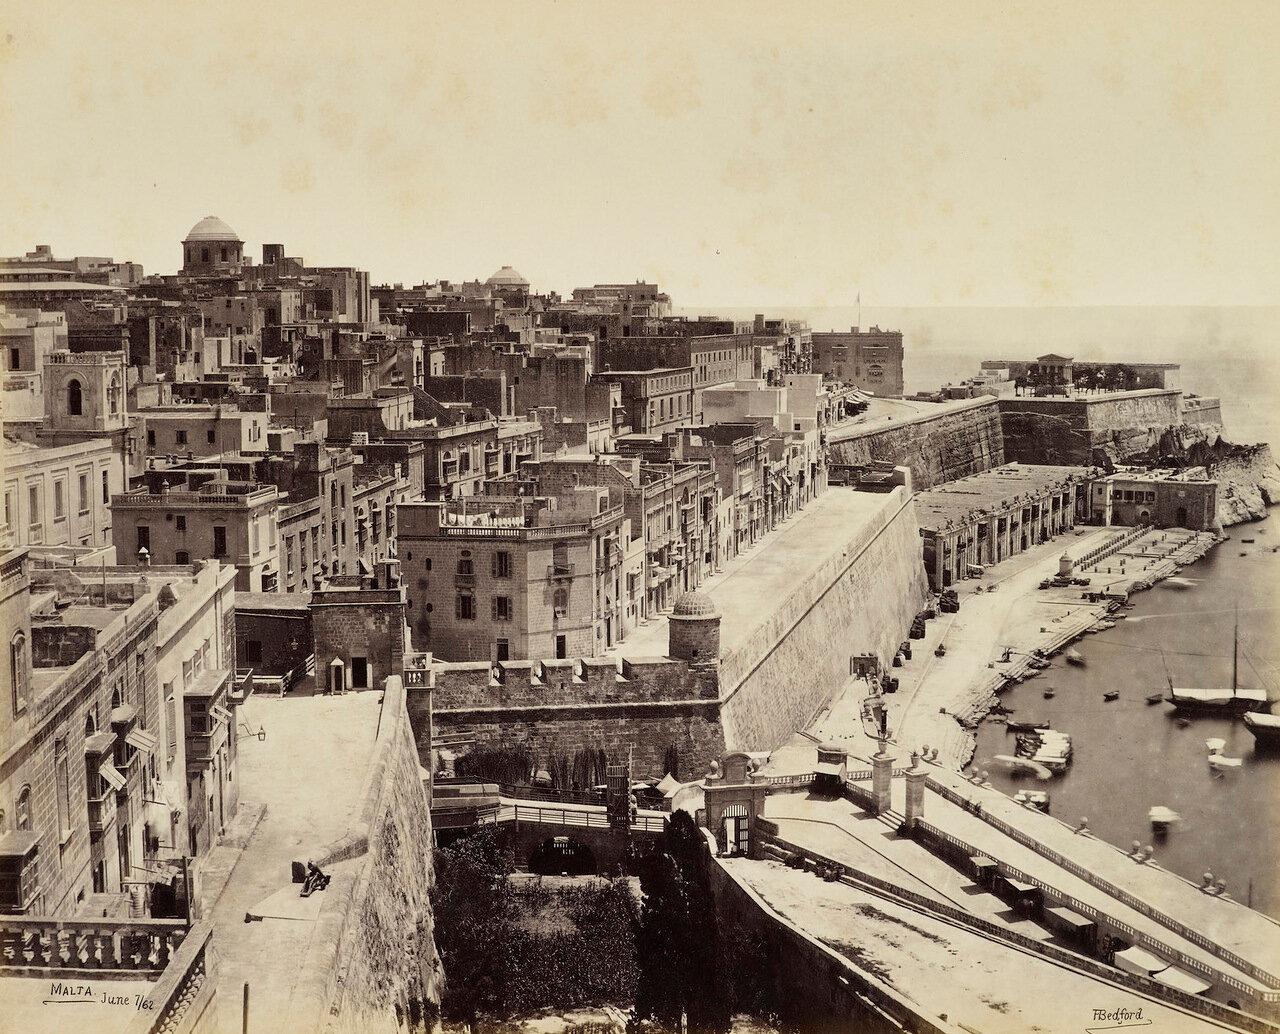 7 июня 1862. Часть Валетты из Верхней Баракки. Валлетта, Мальта